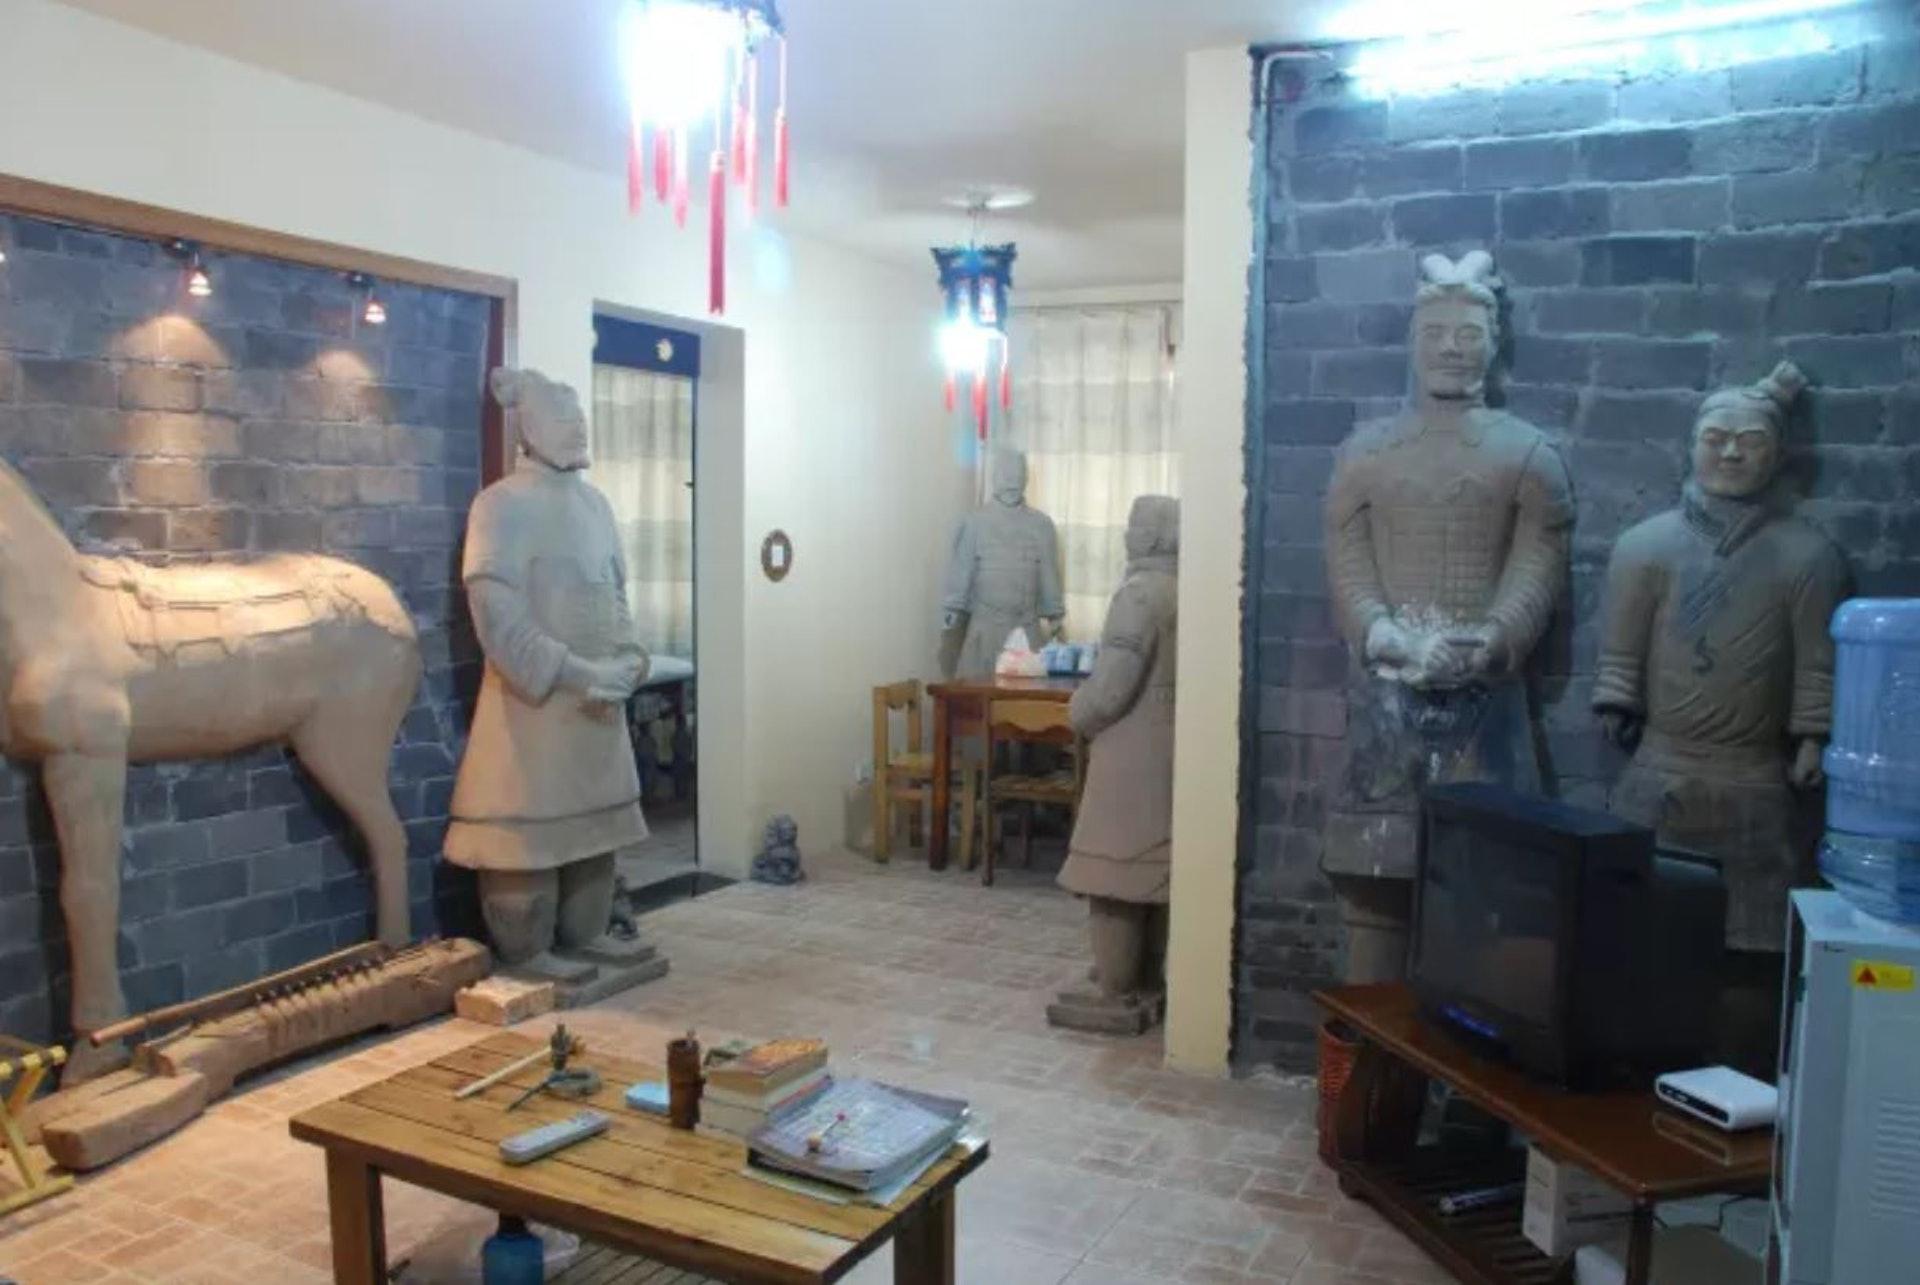 內地blogger近日入住西安一間兵馬俑主題酒店,房間內的佈置十分嚇人,不論睡房、廁所、廚房都放滿兵馬俑。(微博片片段截圖)